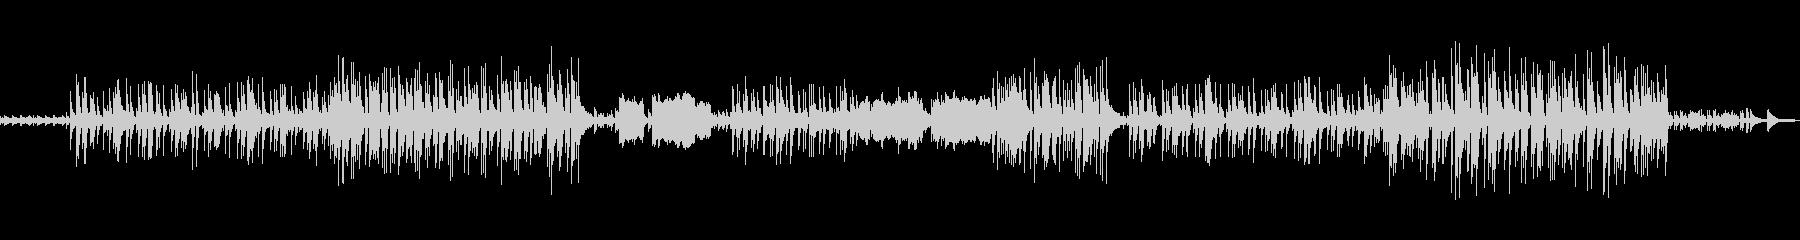 セレブビーチをイメージしたBGMの未再生の波形